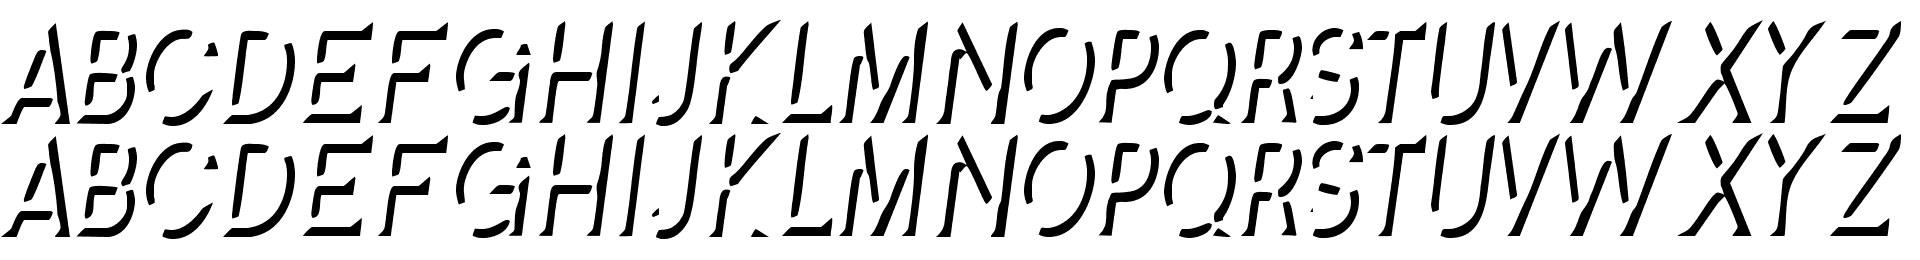 Splendid Stencil